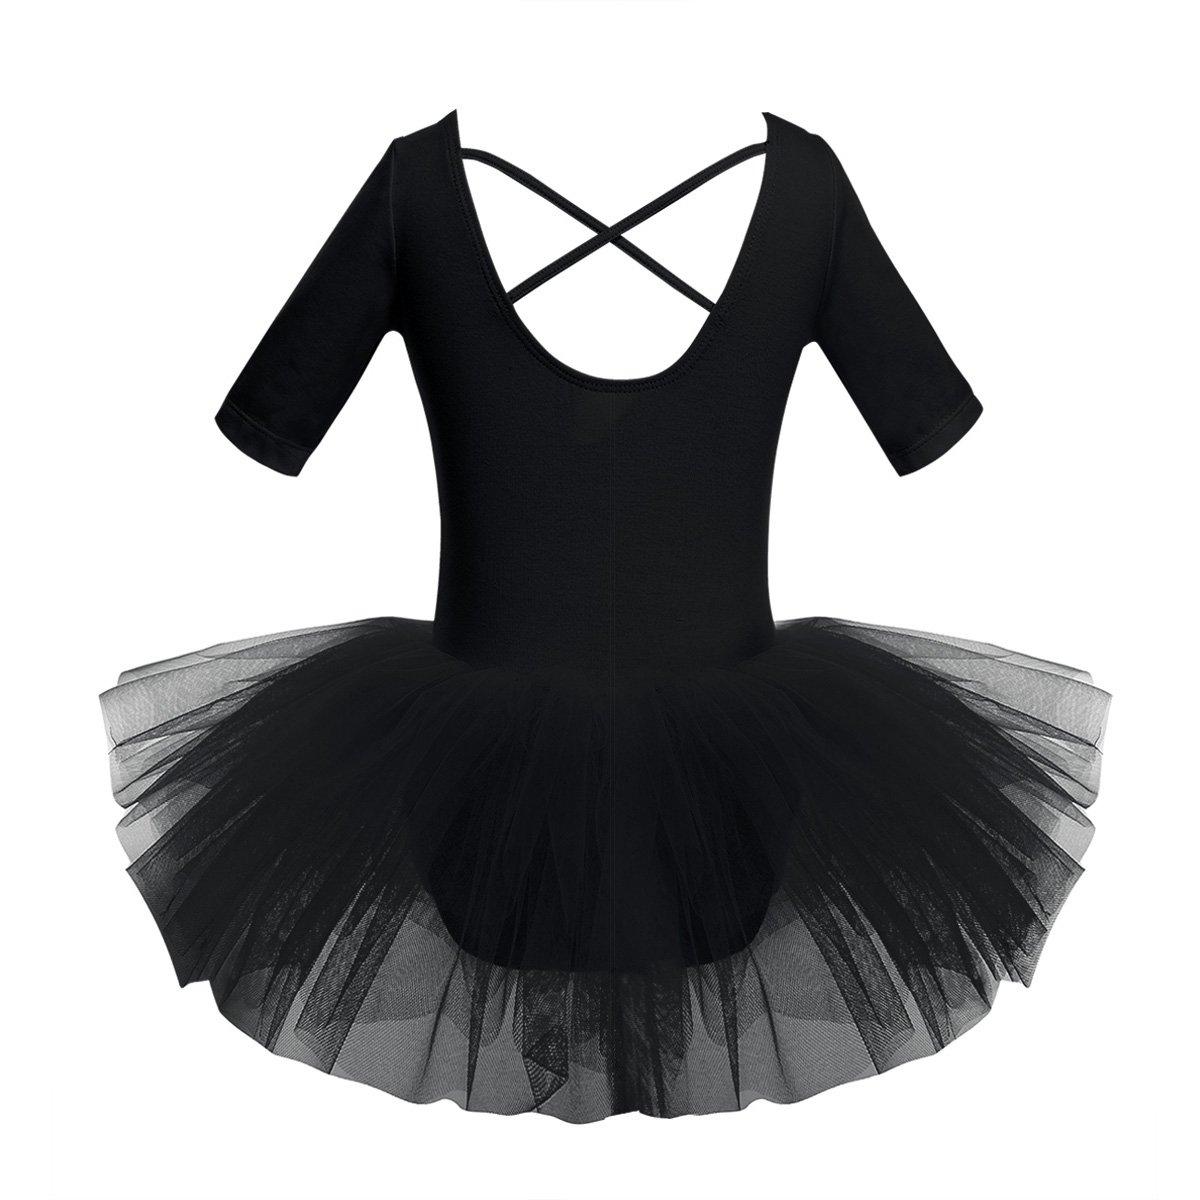 2019年新作入荷 Agoky DRESS B07FLZHQD9 DRESS ガールズ ブラック B07FLZHQD9 ブラック 43591, nabika:c0670a4a --- choudeshwaripatpedhi.com